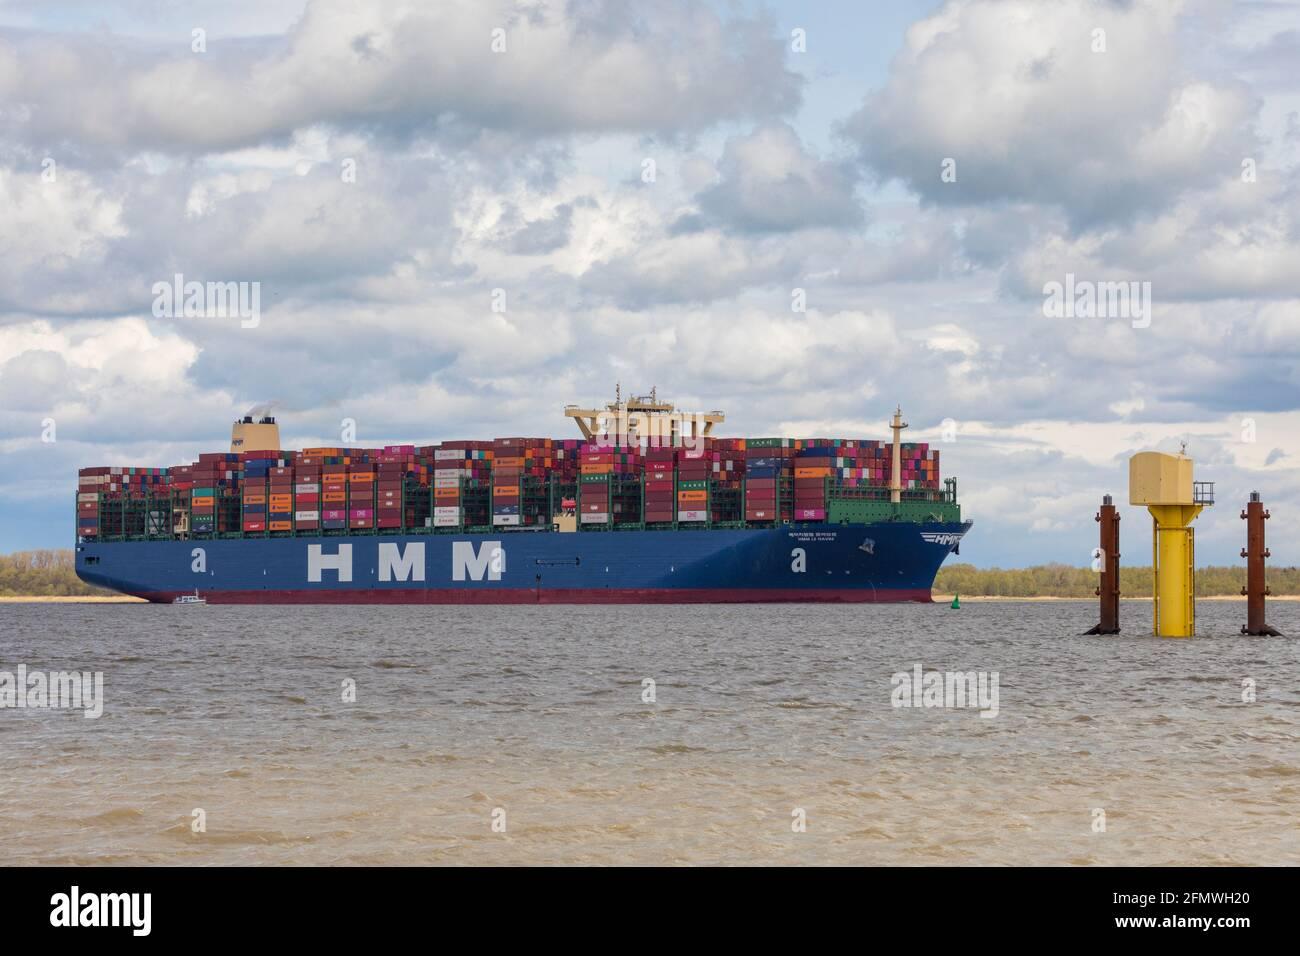 Stade, Allemagne – 7 mai 2021 : HMM LE HAVRE, avec ses navires-sœurs de la classe MEGAMAX, le plus grand navire à conteneurs au monde. Banque D'Images